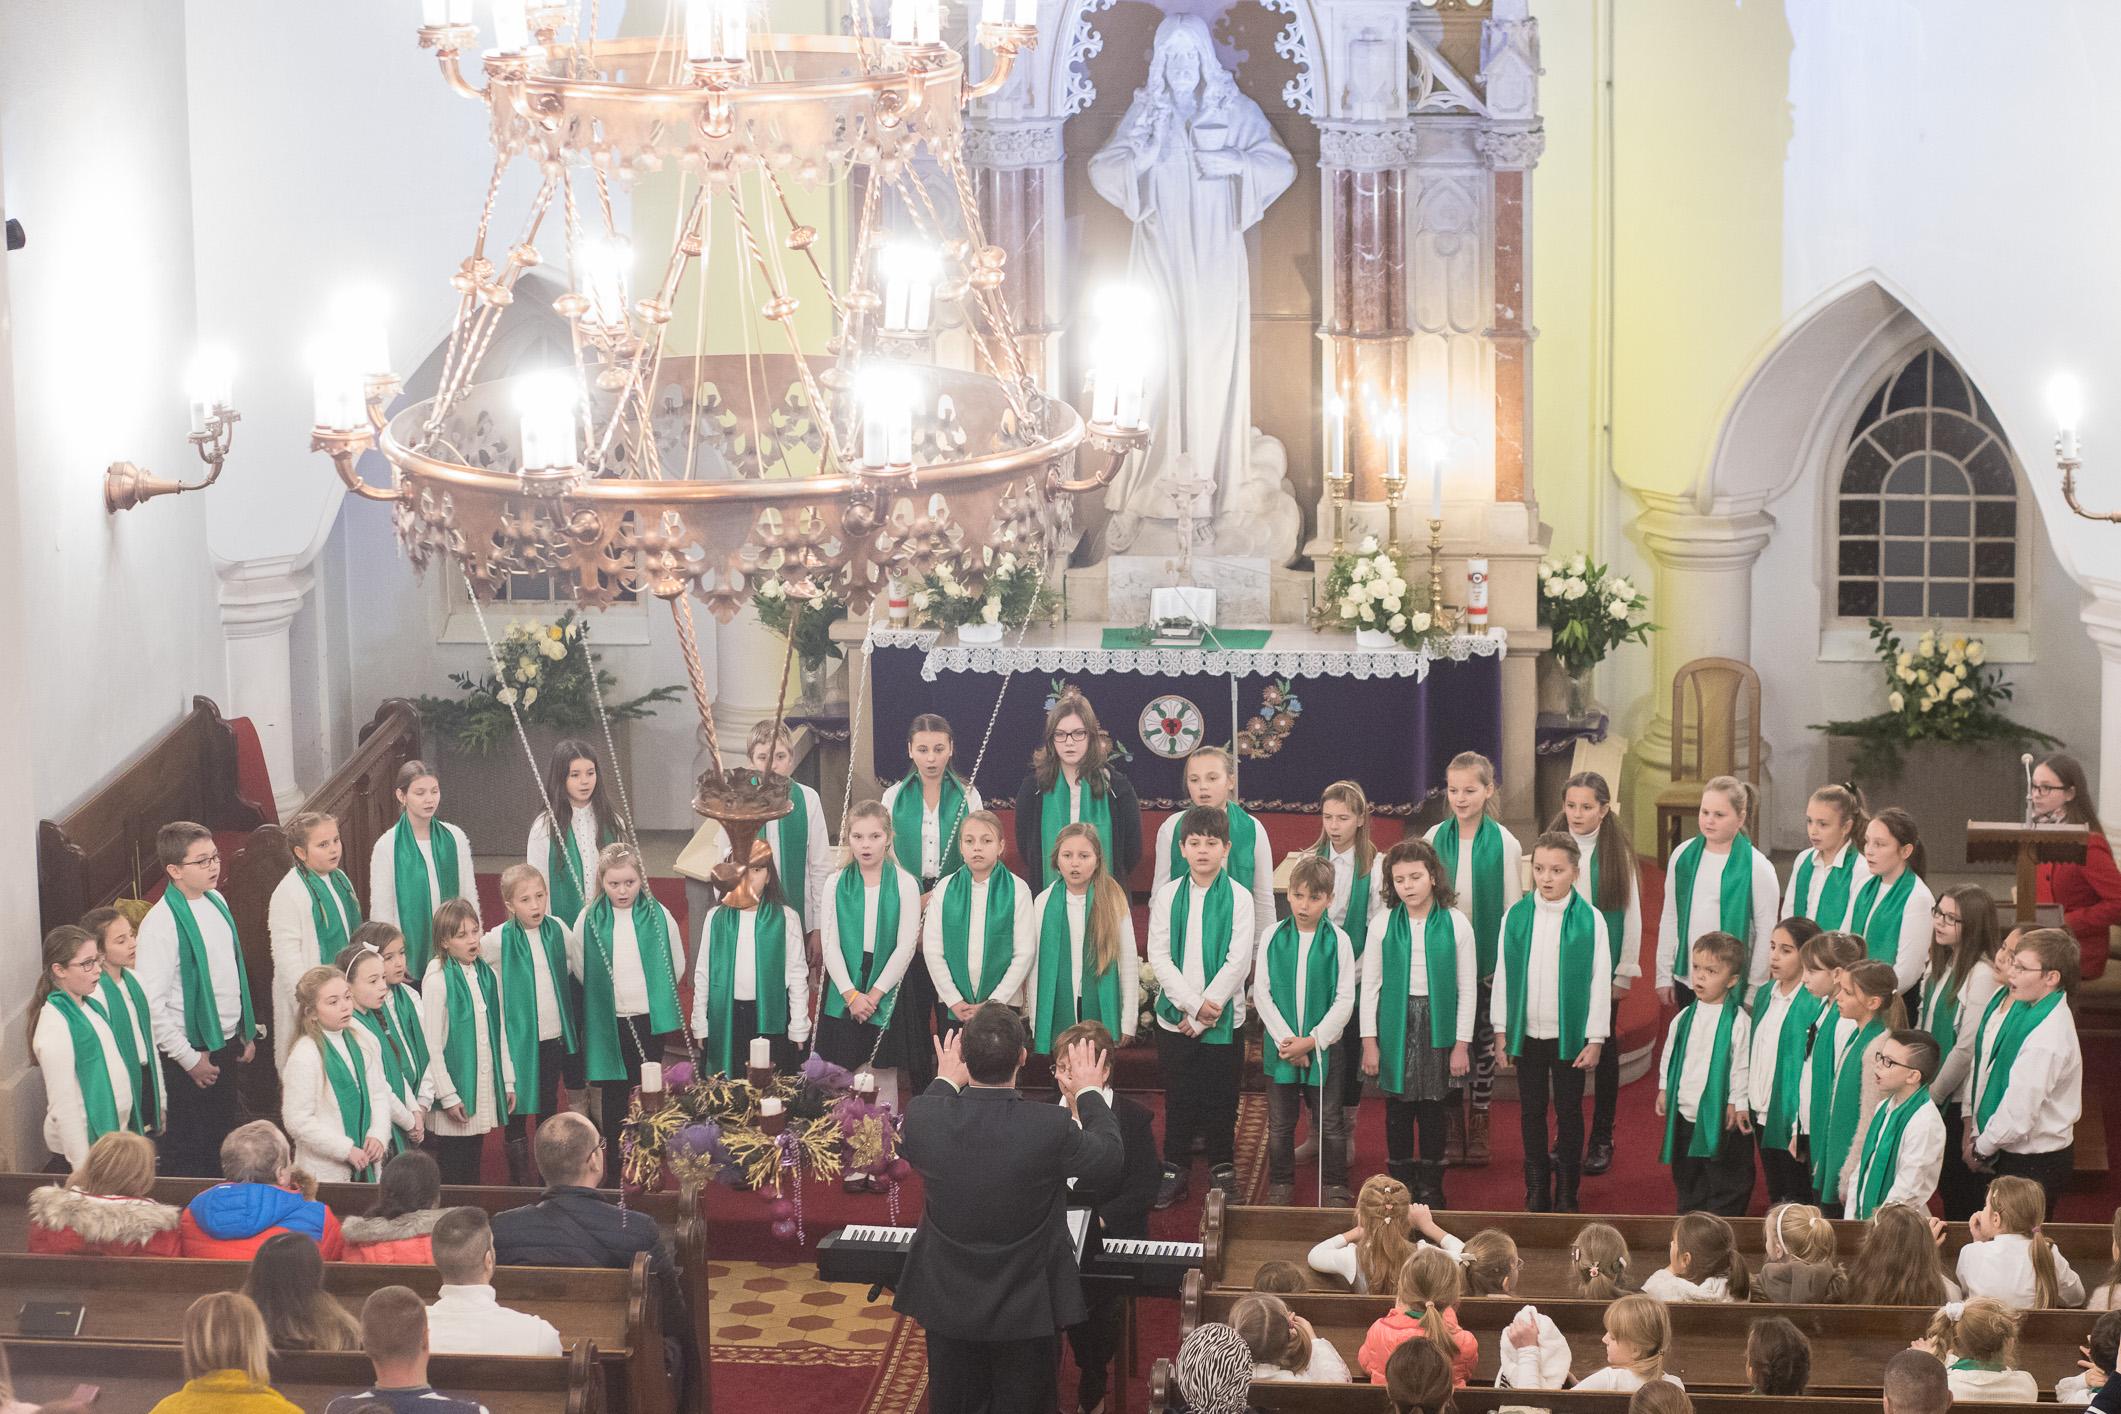 stvorlistok-zv-kostol-2018